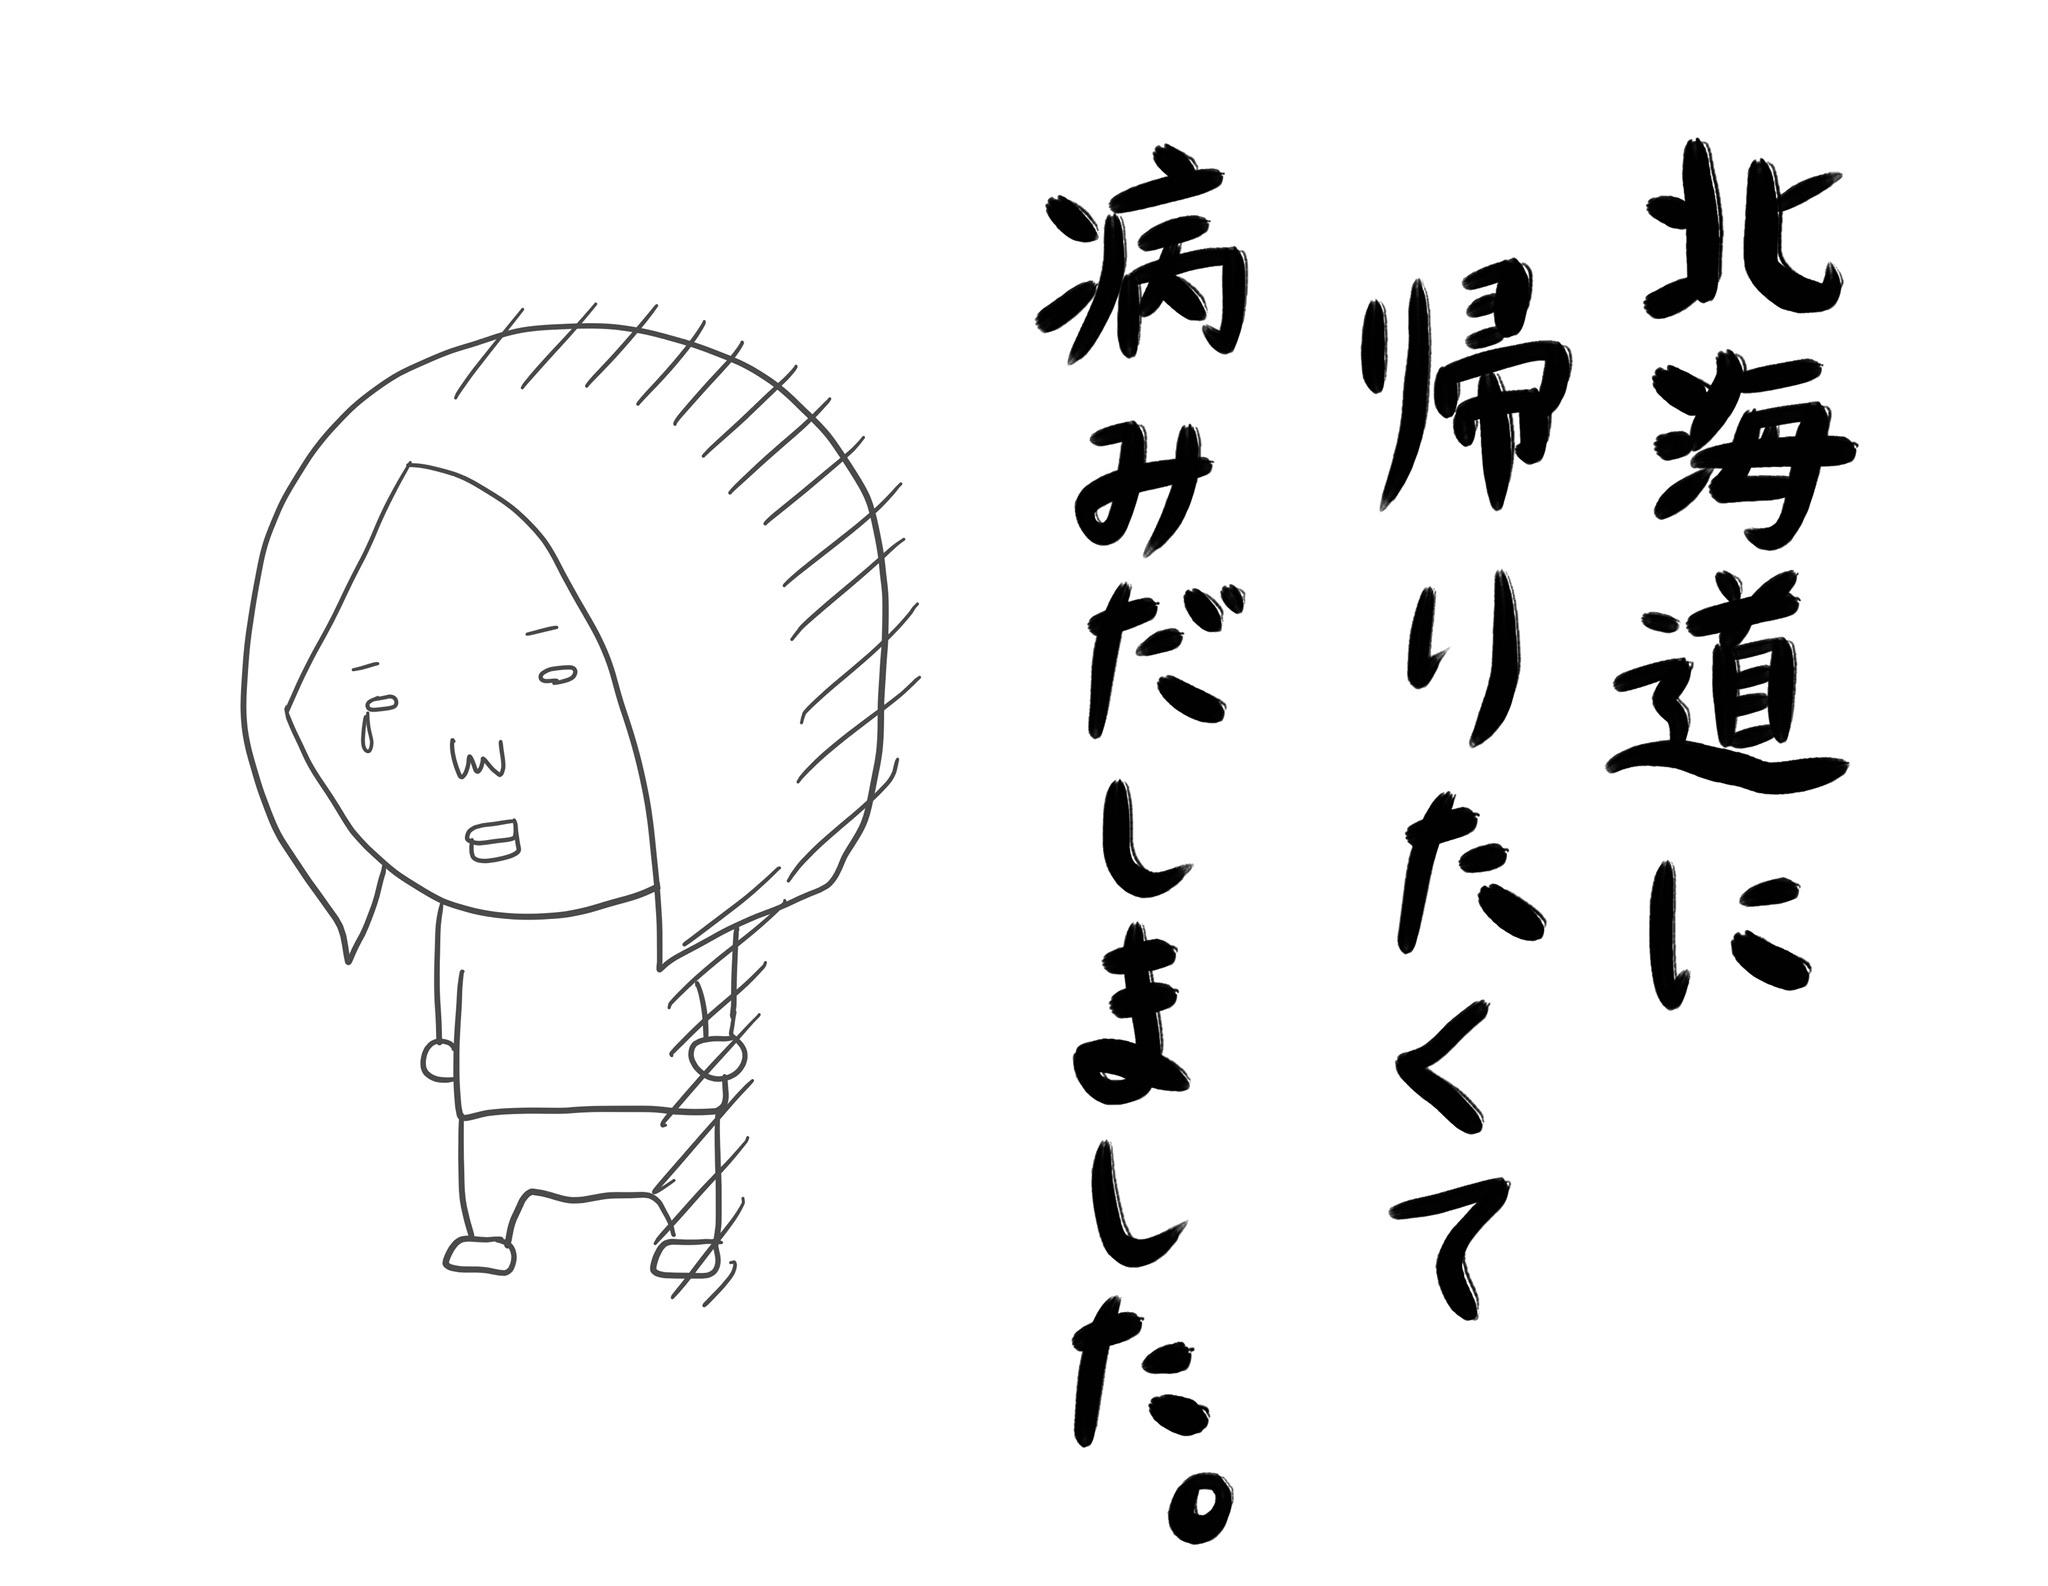 北海道に帰りたくて「故郷に帰りたい病」を発症しておりました。